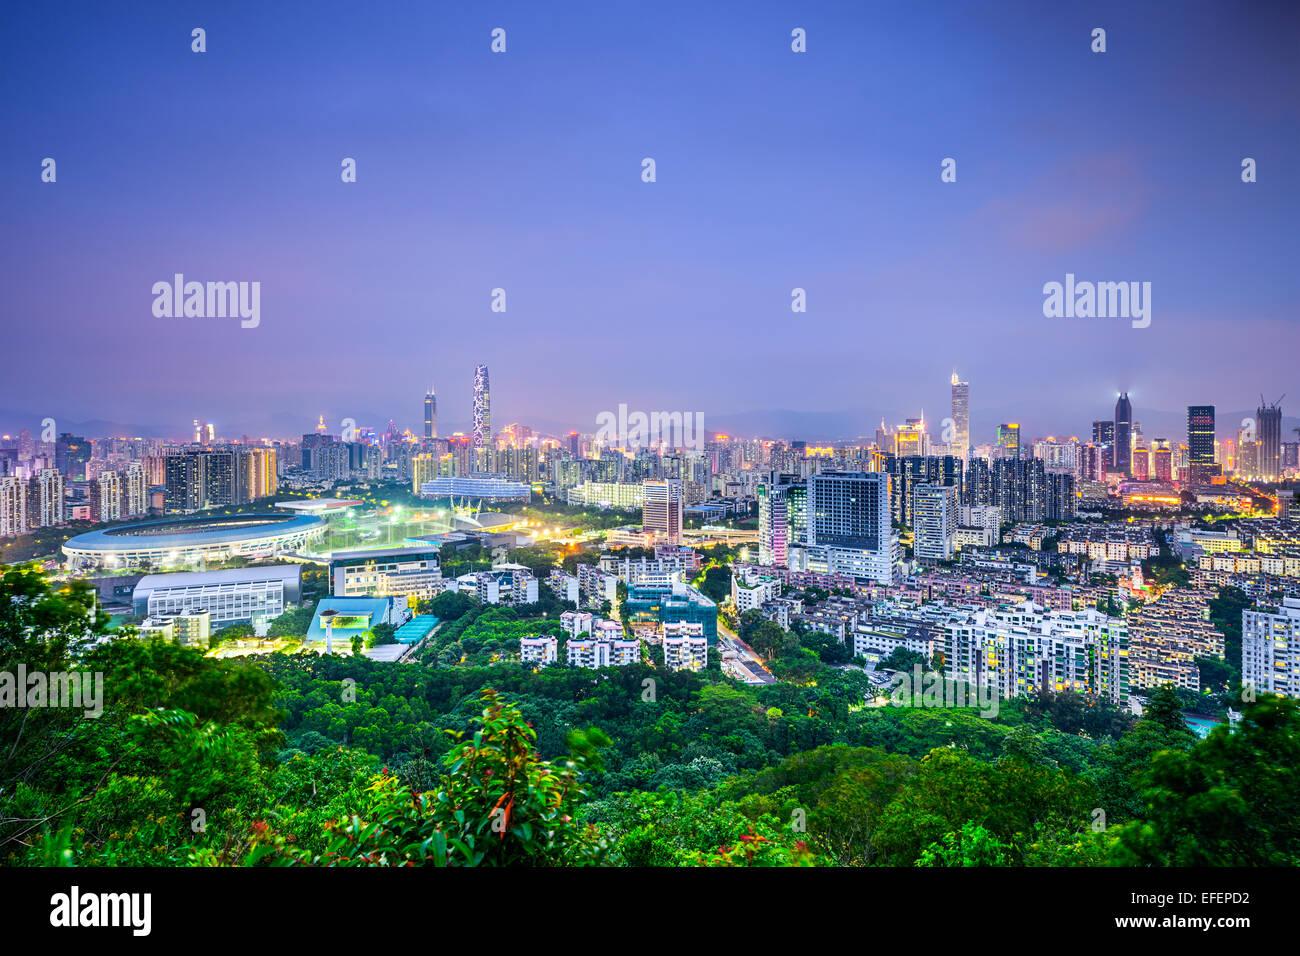 Shenzhen, China downtown cityscape. - Stock Image